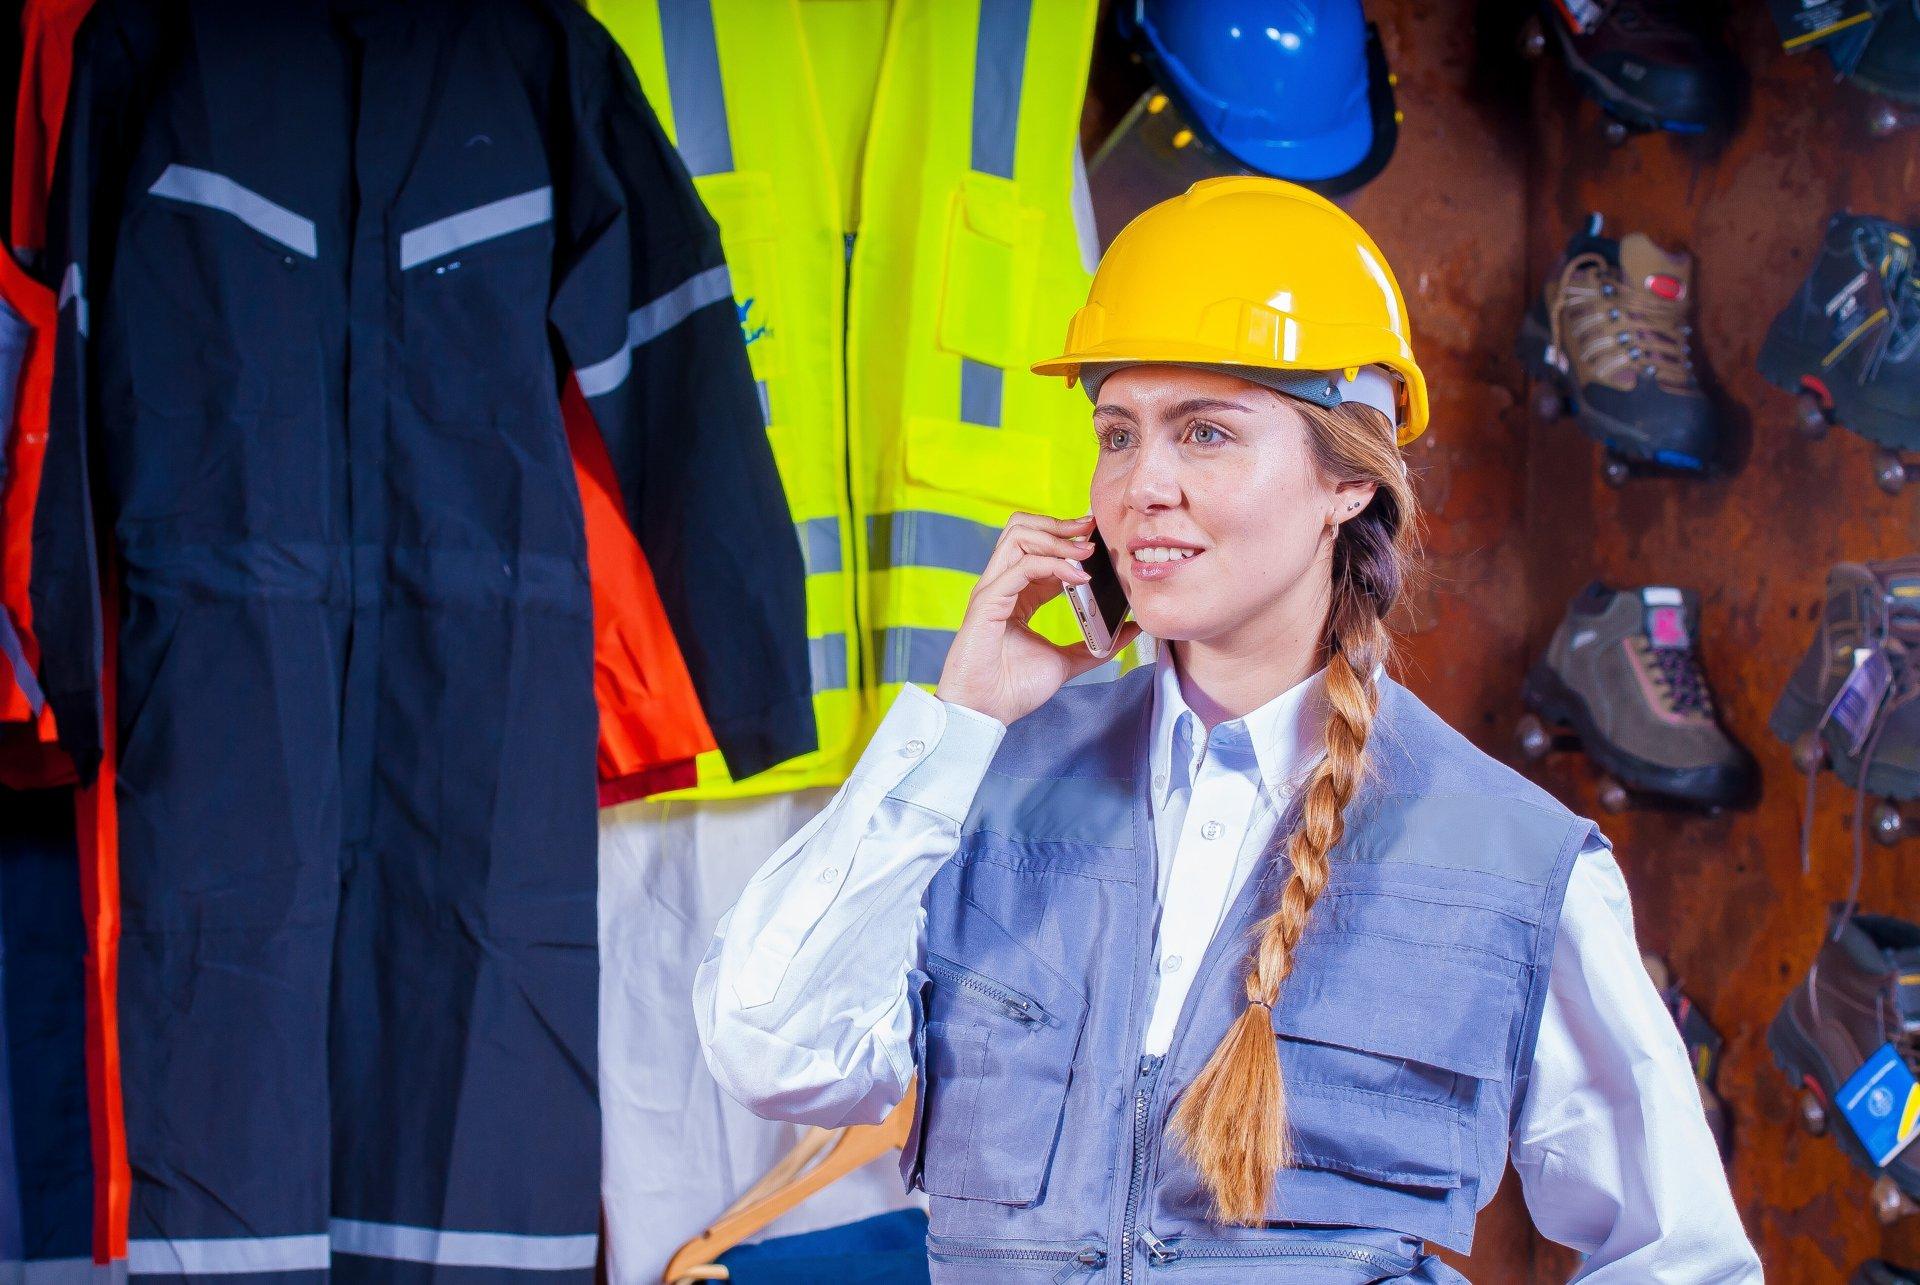 Sicurezza: formazione specifica lavoratori rischio medio - aggiornato COVID19